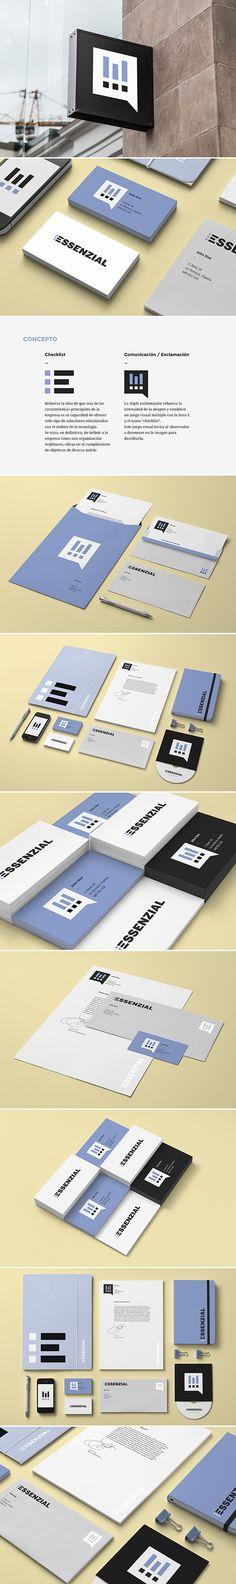 Desarrollo de identidad visual corporativa para Essenzial, una empresa dedicada a ofrecer soluciones informáticas y tecnológicas de diversa índole.